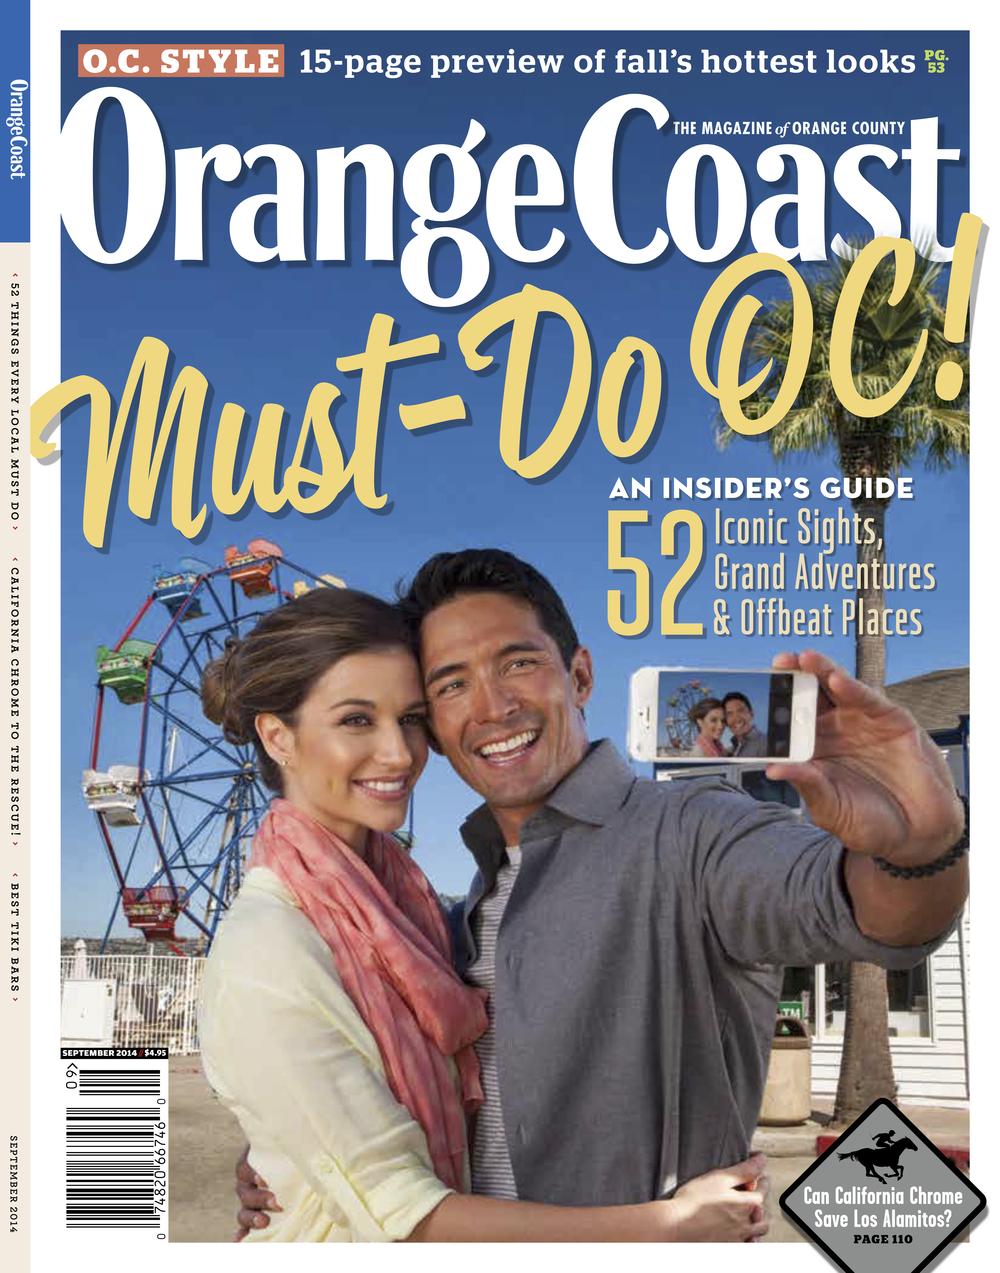 OCMAG SEPT2014 COVER.jpg